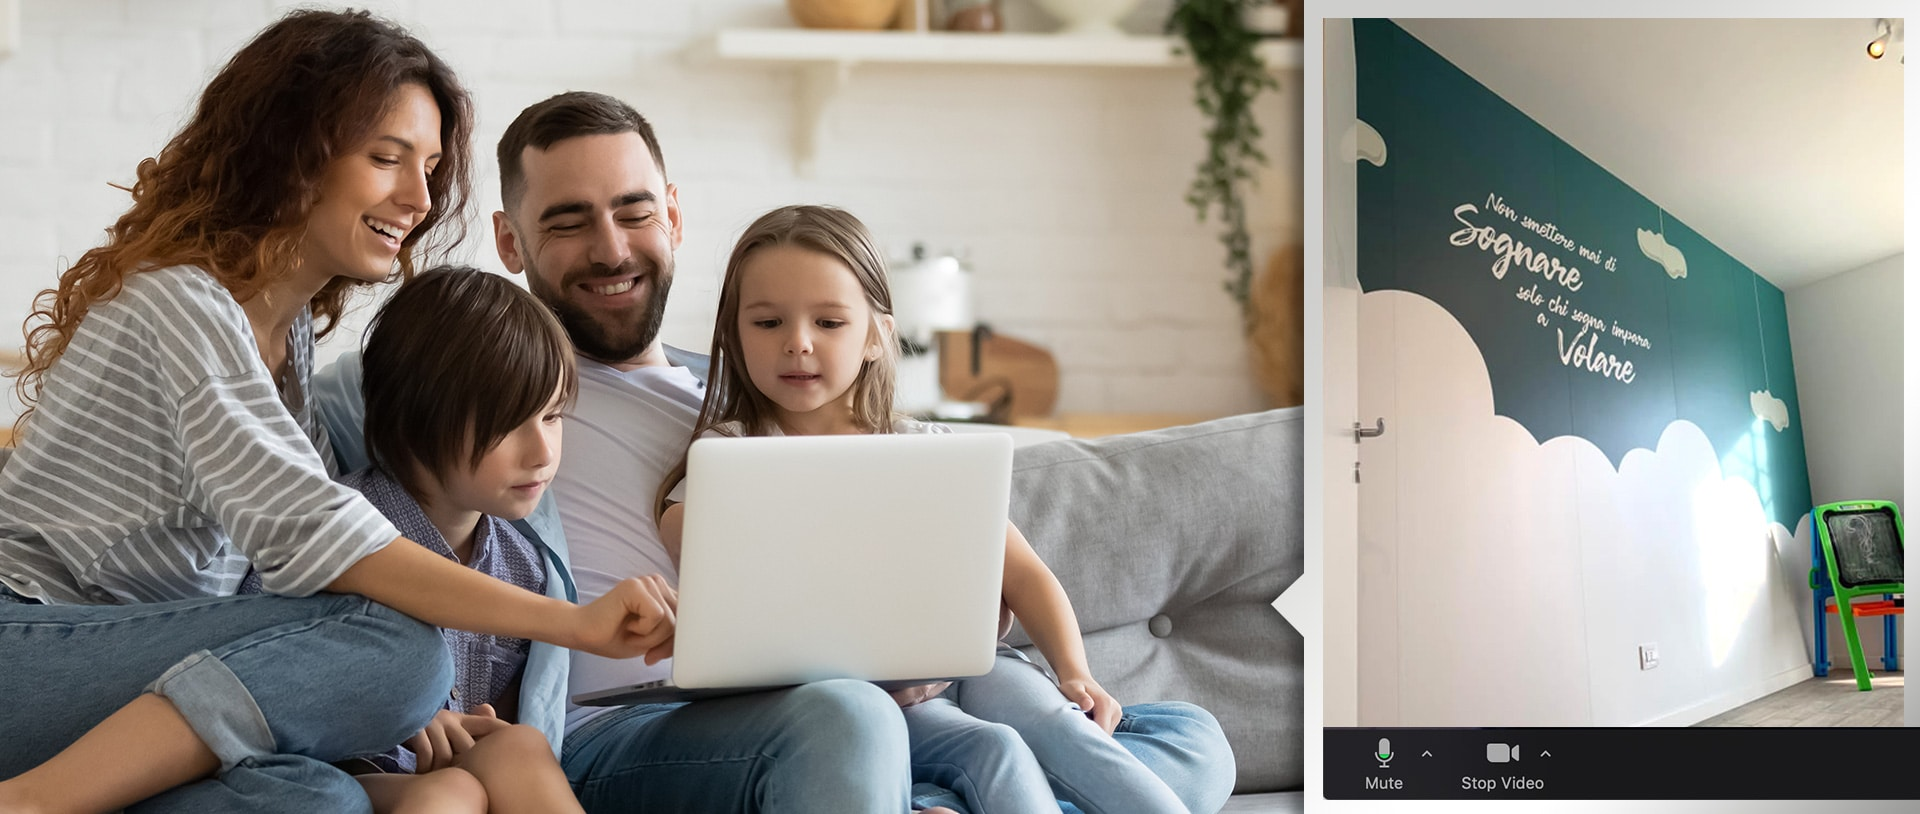 visita appartamento online